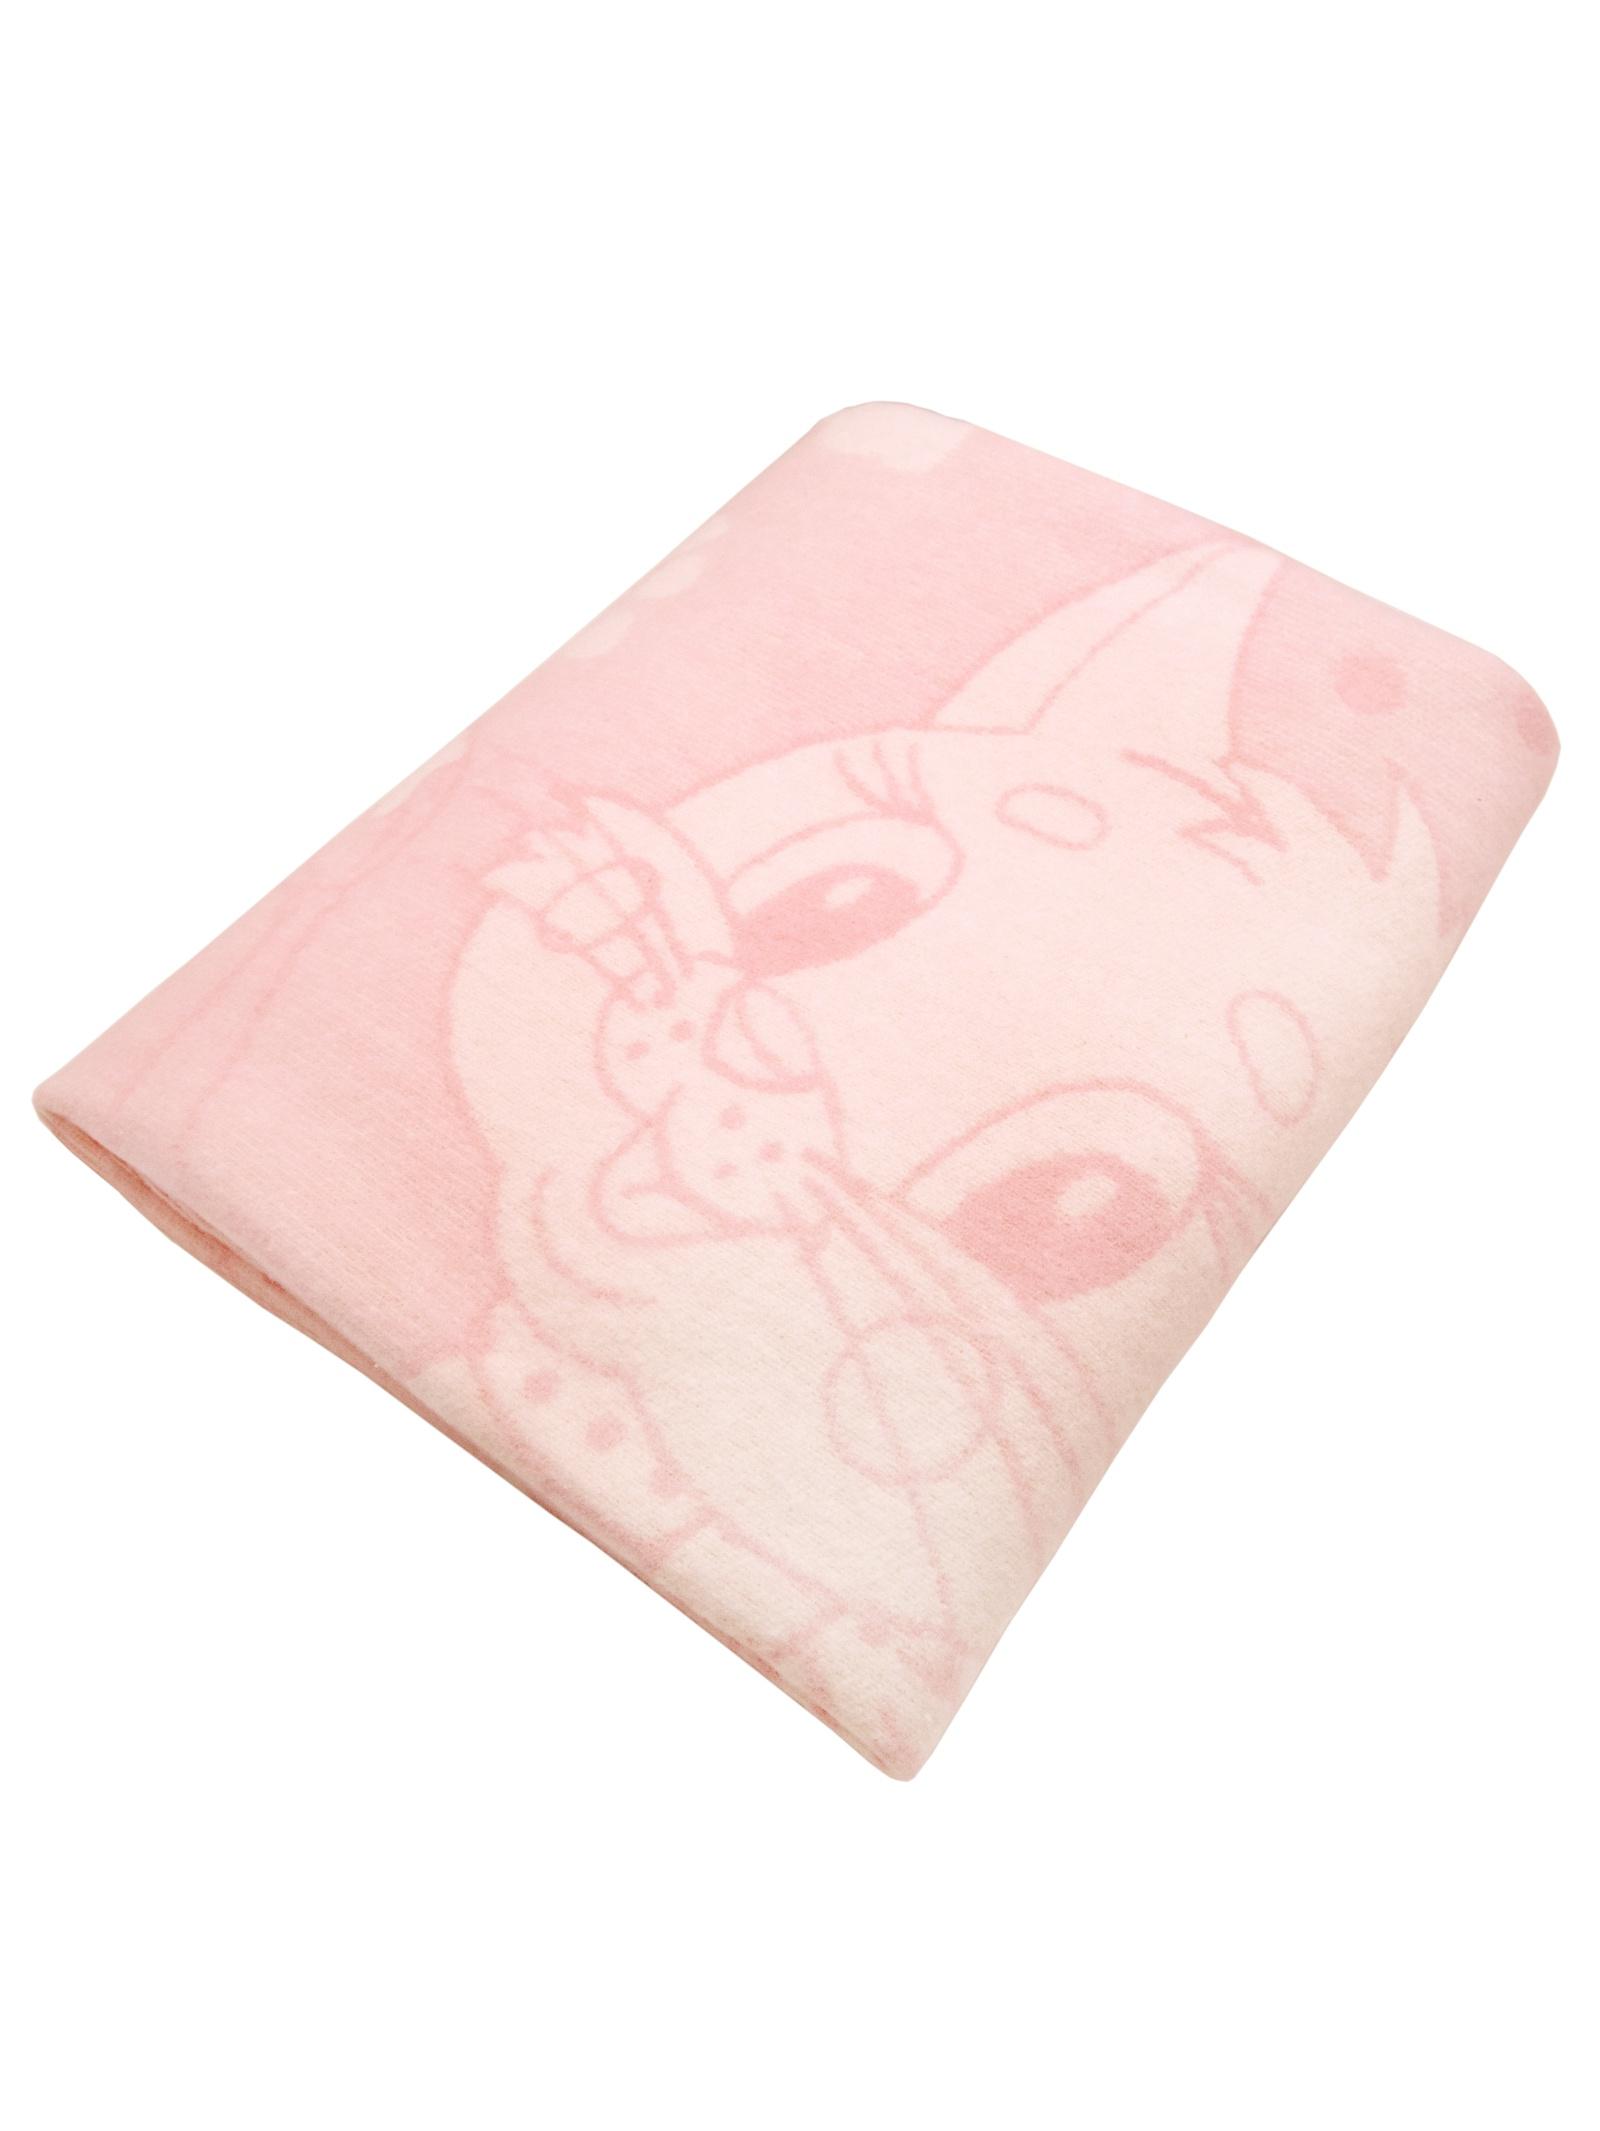 Одеяло детское Arloni с рисунком котёнка, розовый